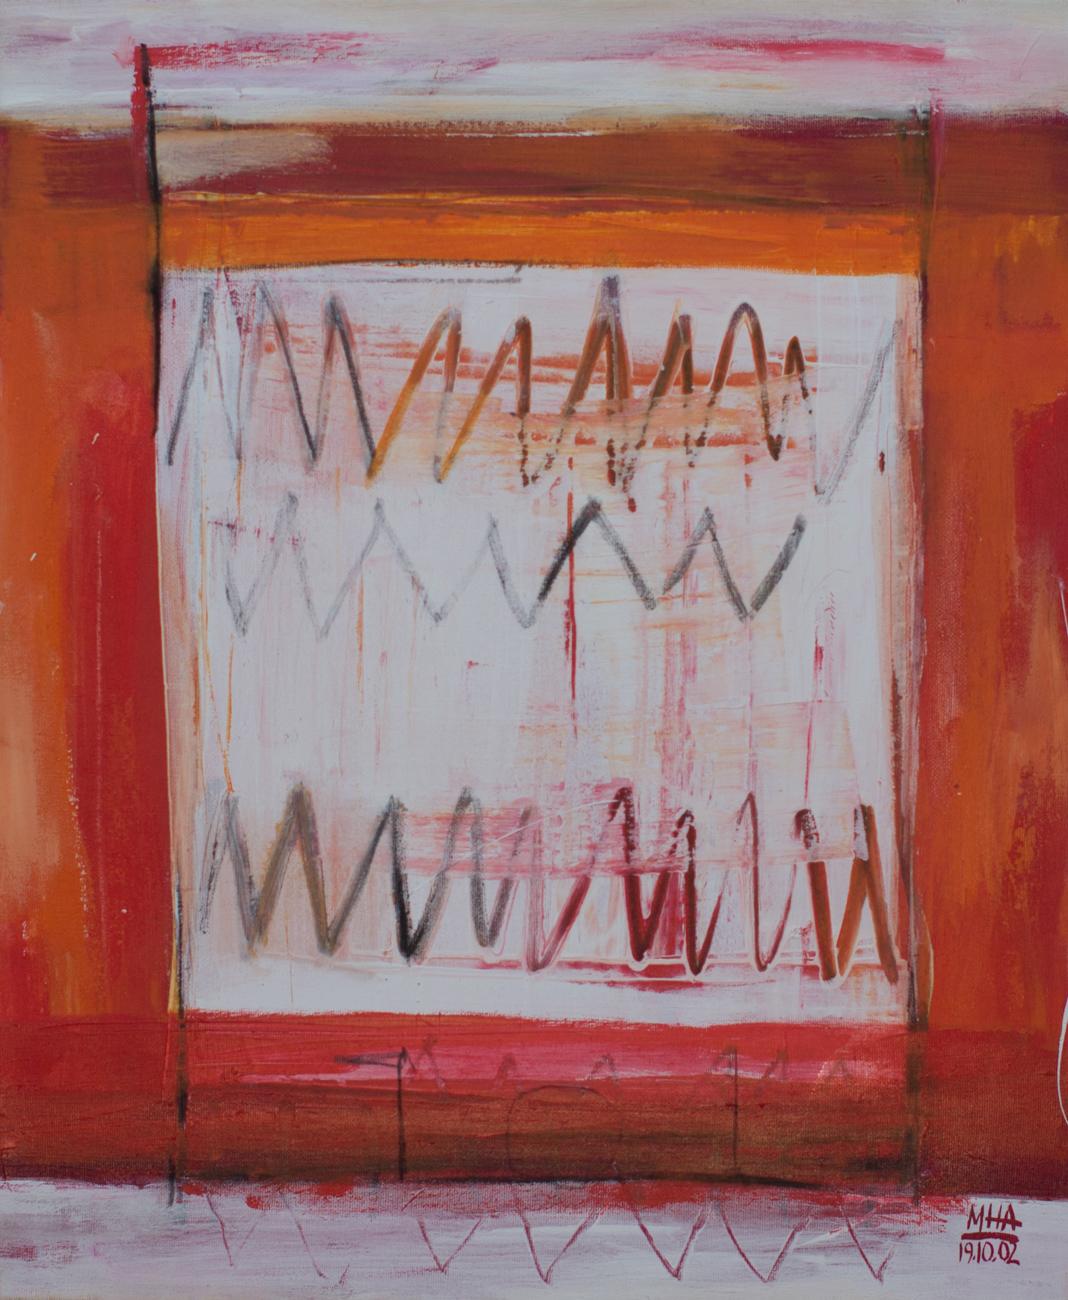 Tapiz 6 , 2002,Acryl auf Leinwand, 50x60 cm